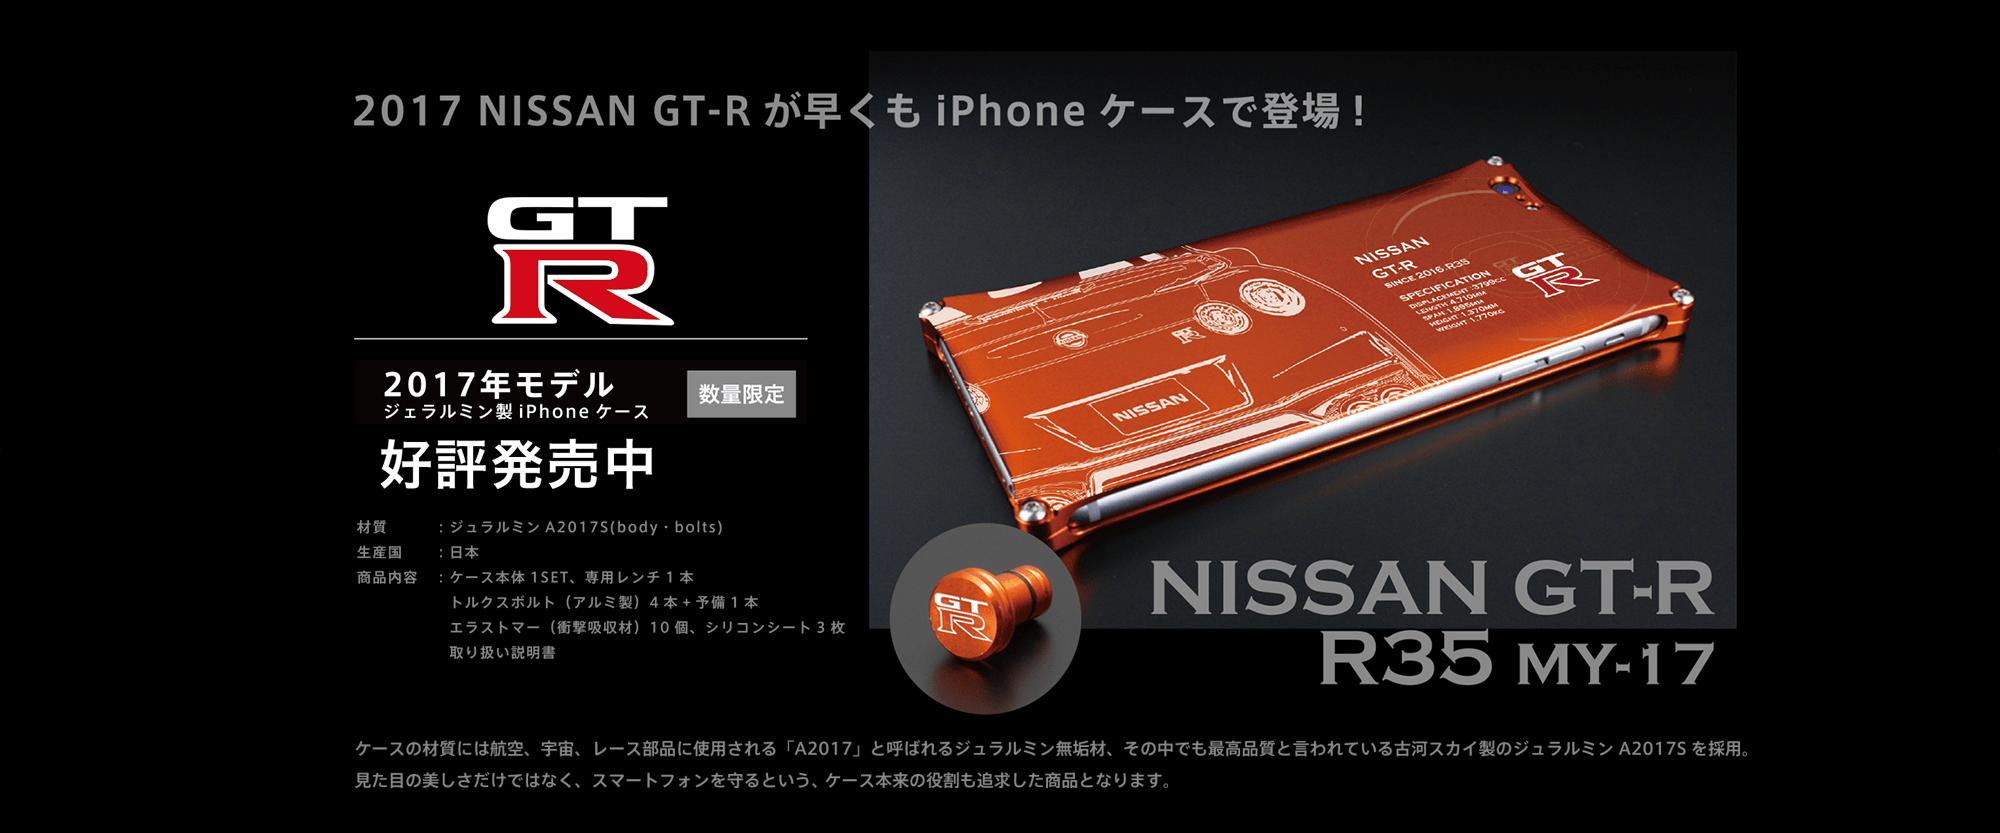 NISSAN GT-R R35 MY-17